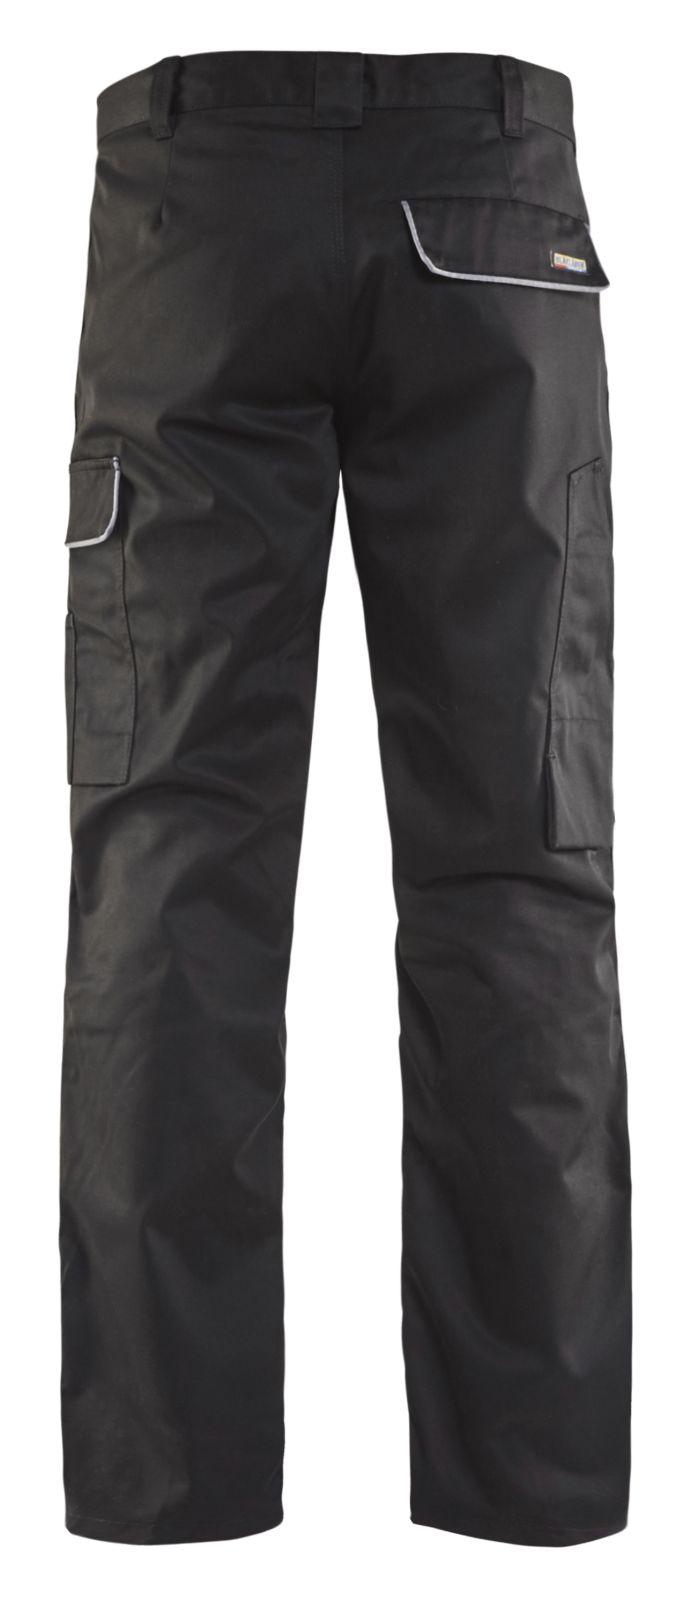 Blaklader Werkbroeken 14061860 zwart-grijs(9994)